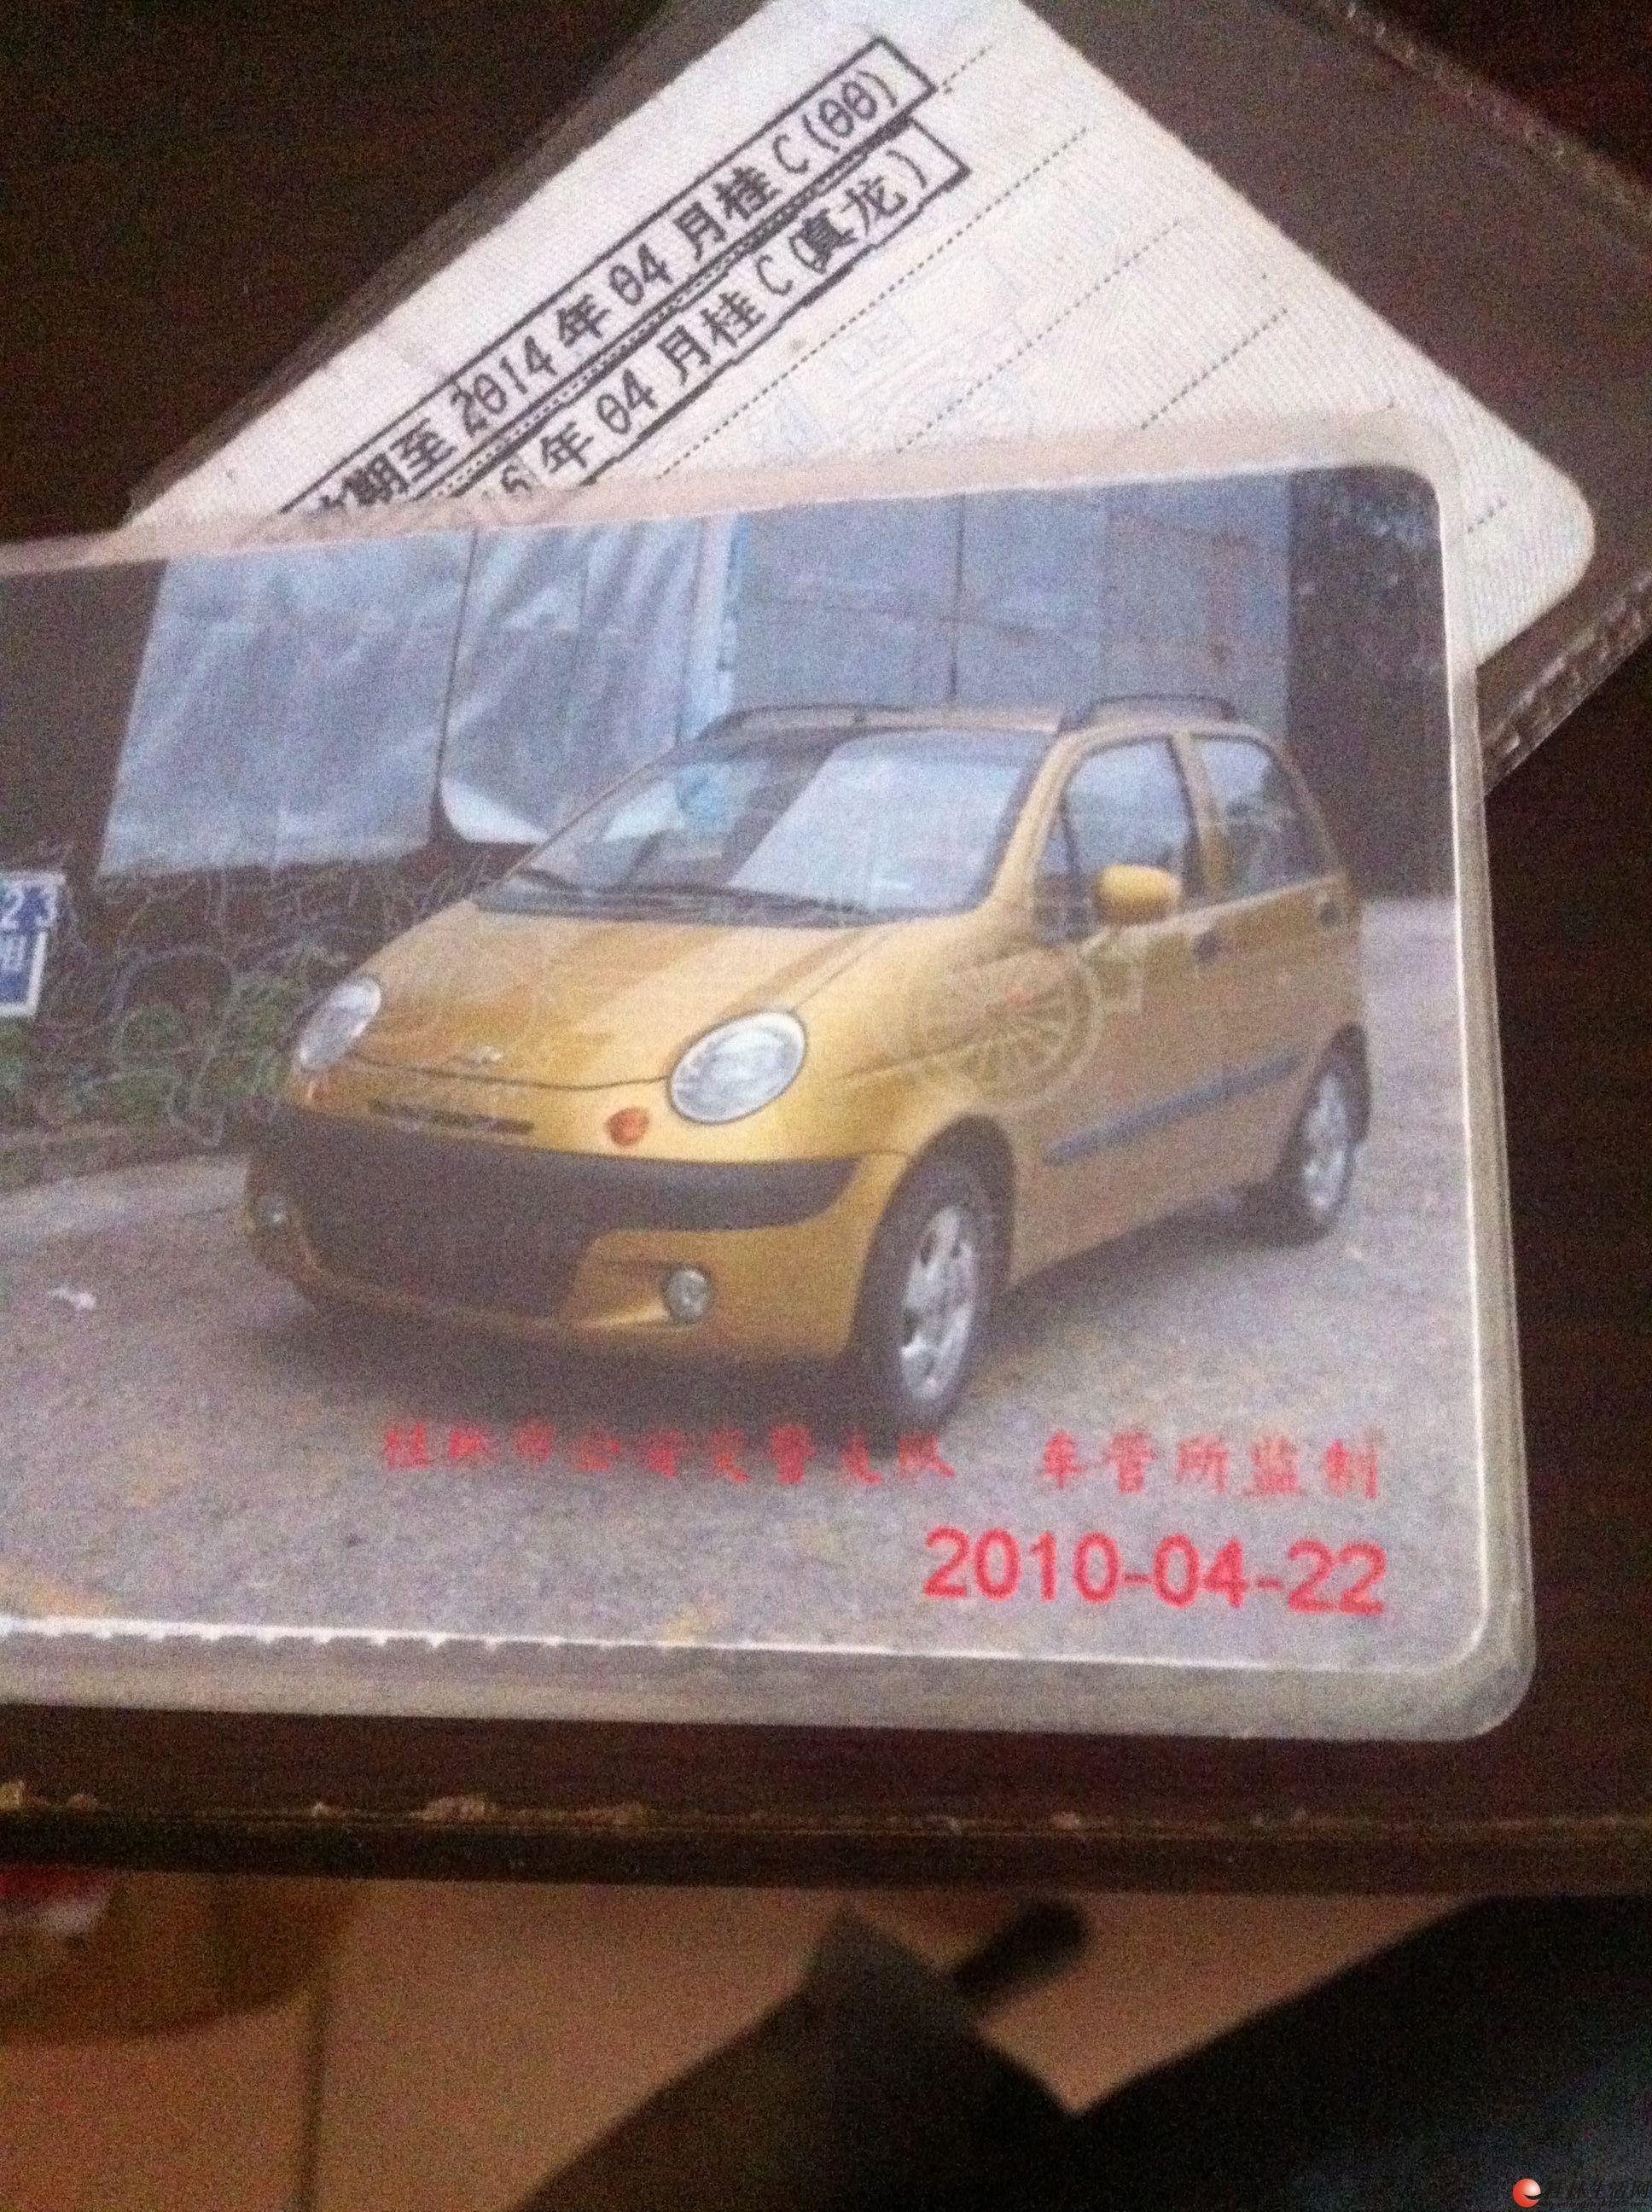 换车了低价卖自己上下班用的雪佛兰乐驰一辆 2010年5月的高清图片